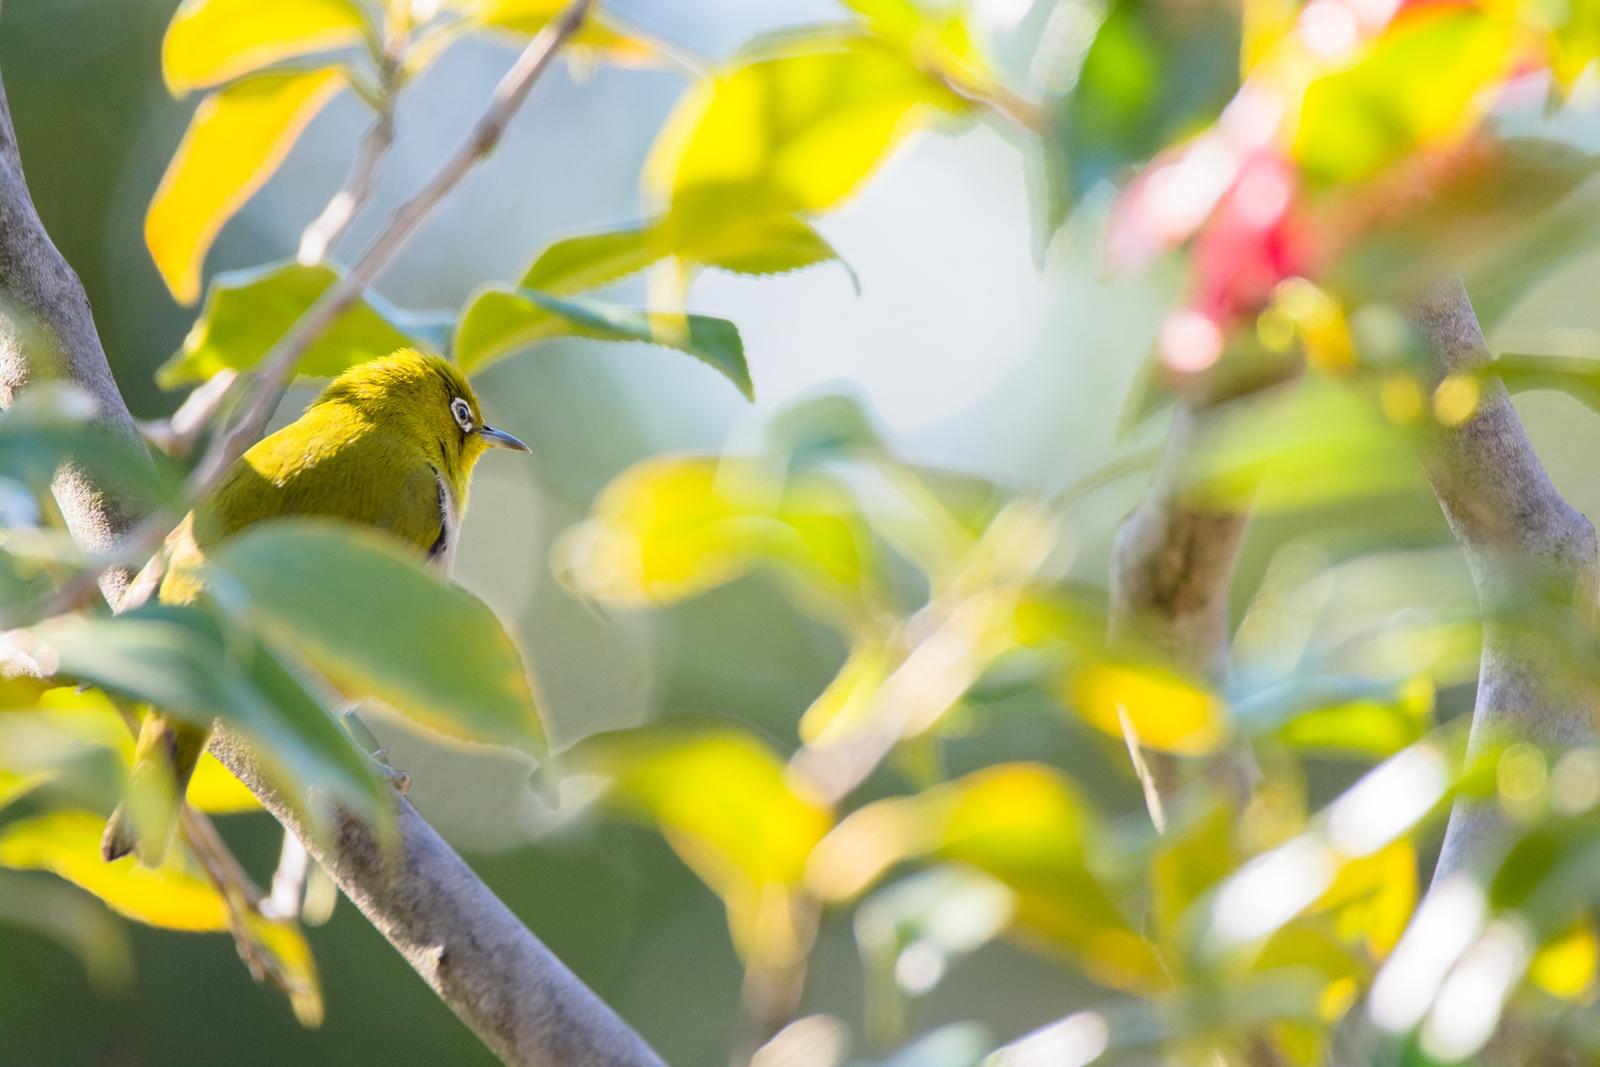 Photo: 「そっと見守る」 / Quietly watch over spring.  茂みに潜みながら 小さな声で 言葉を交わす 変わりゆく植物たちを そっと見守りながら  Japanese White-eye. (メジロ)  Nikon D7200 SIGMA 150-600mm F5-6.3 DG OS HSM Contemporary  #birdphotography #birds #kawaii #nikon #sigma #小鳥グラファー  ( http://takafumiooshio.com/archives/1102 )